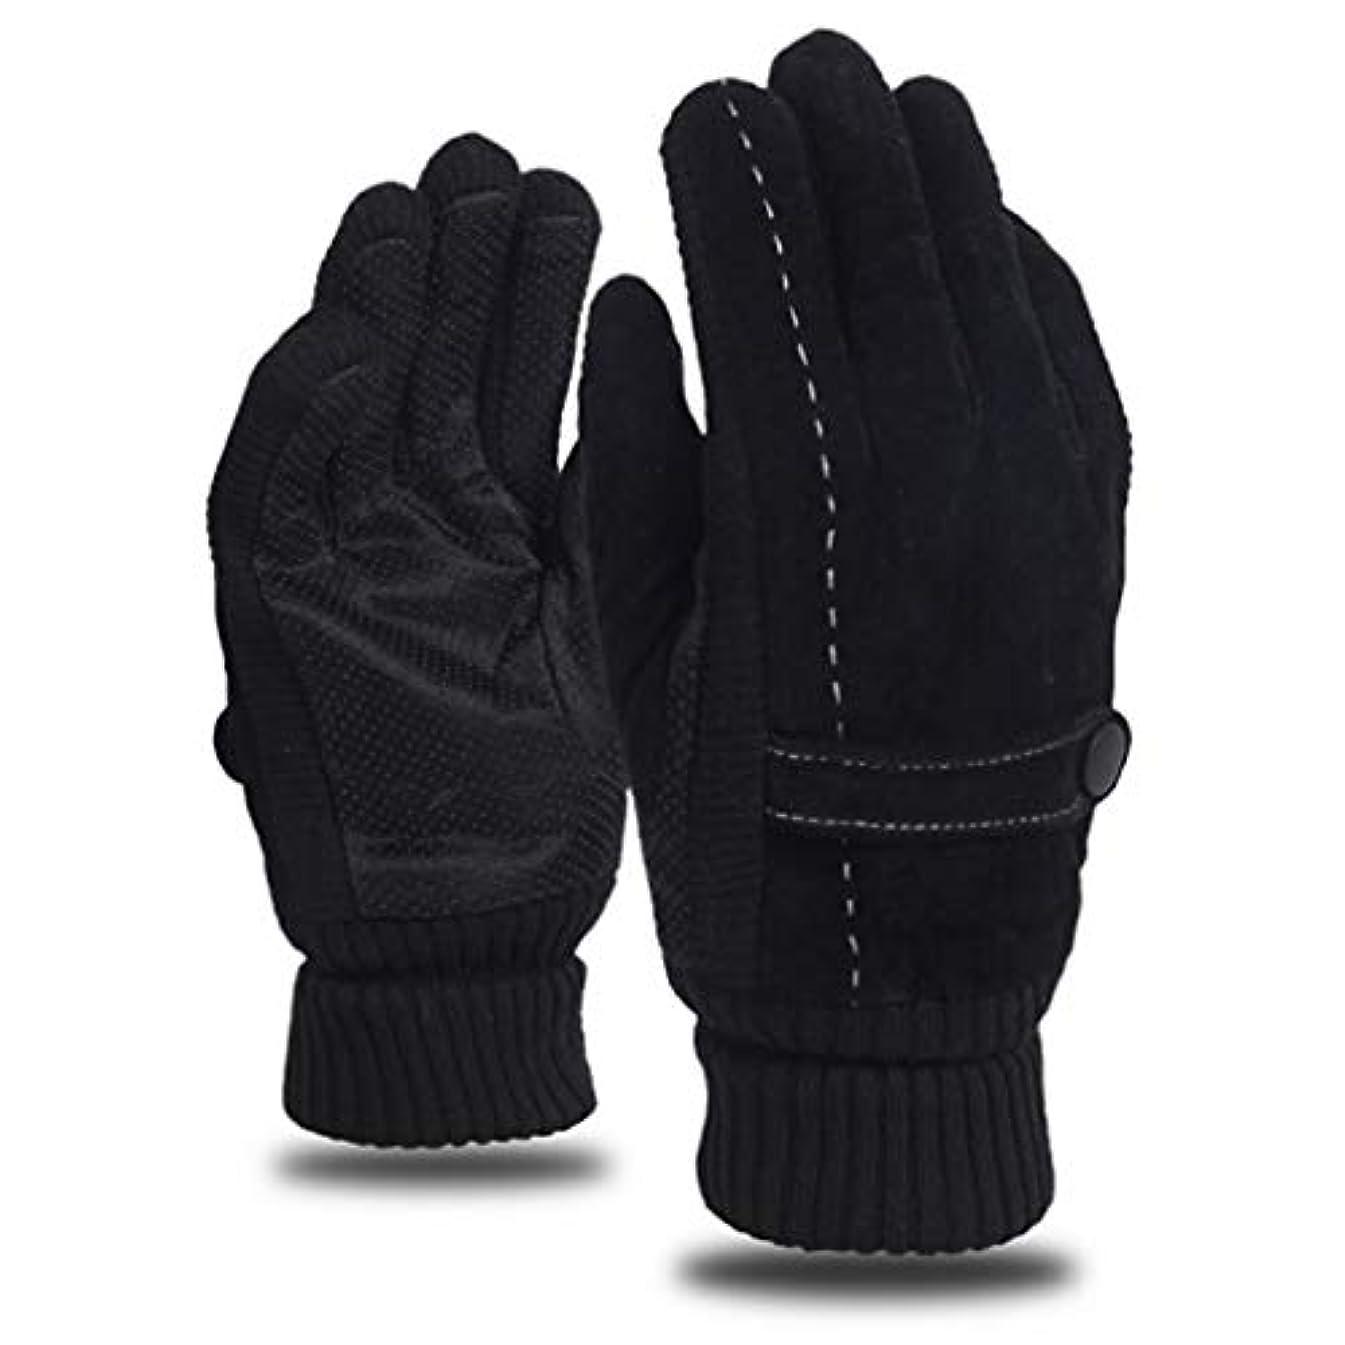 プロジェクターファンタジーシャッターレザーグローブメンズウィンライディングプラスベルベット厚手暖かいドライビングアウトドアオートバイ防風コールドノンスリップメンズコットン手袋 (色 : 黒)